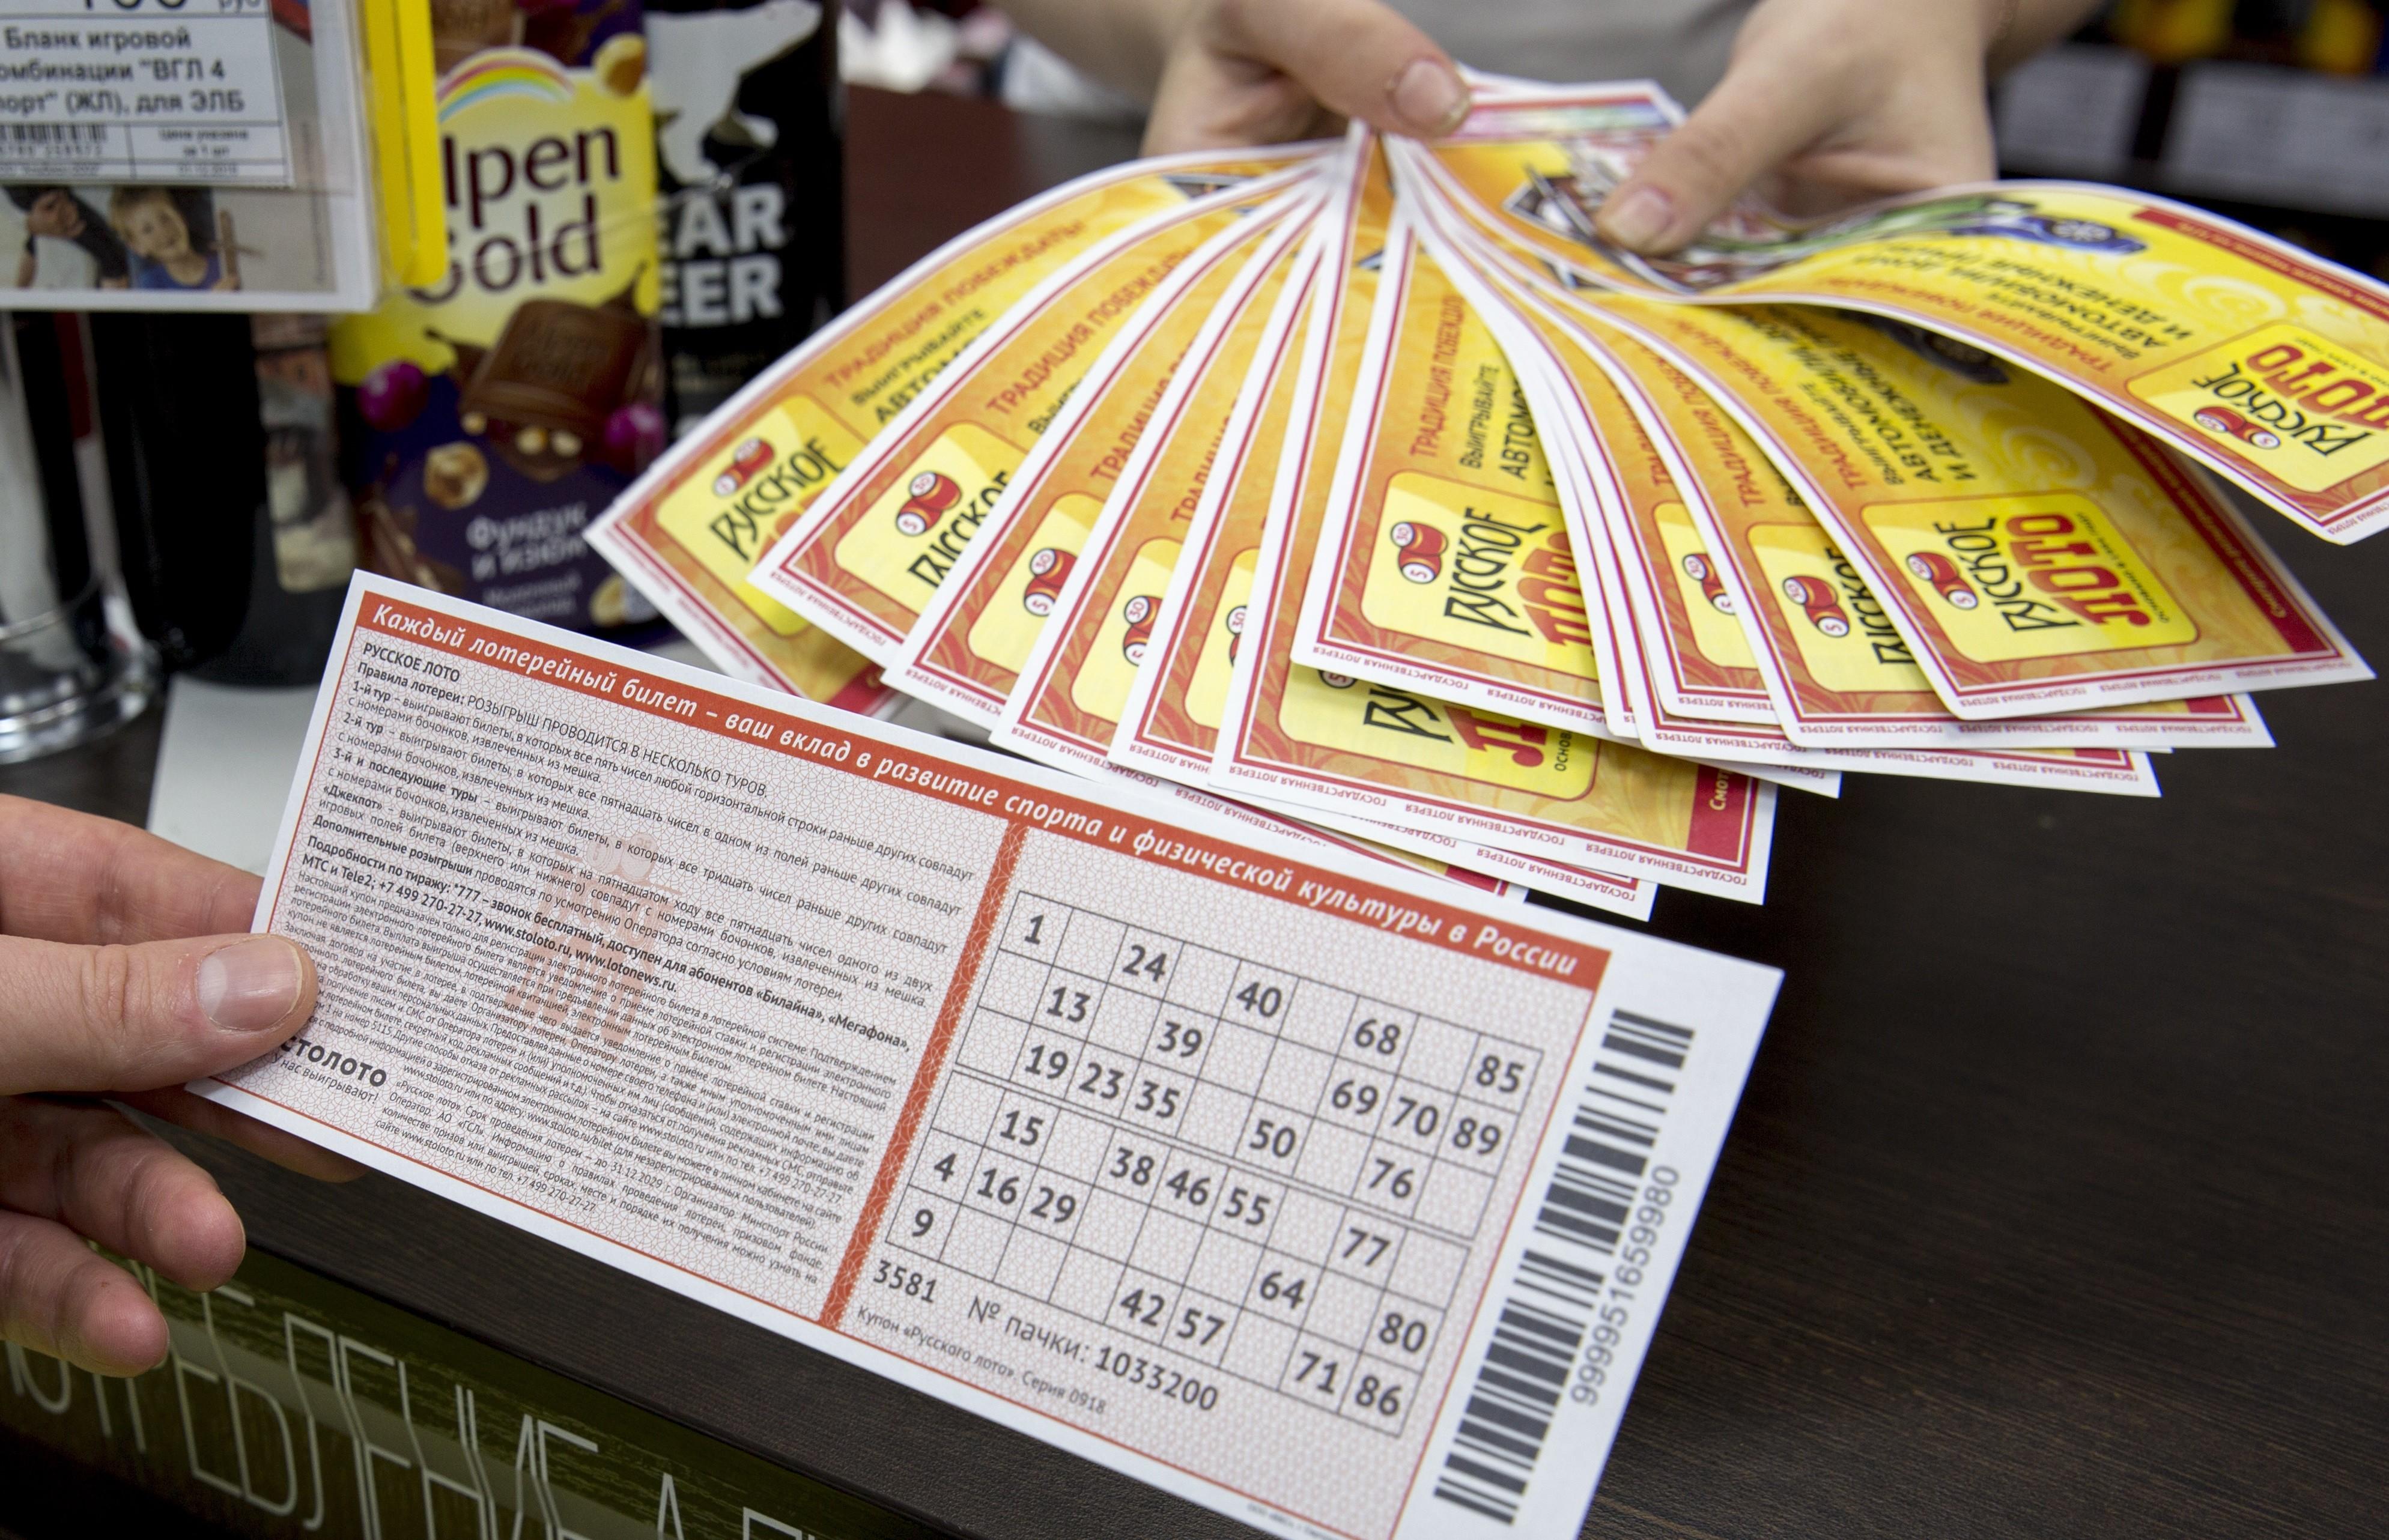 Советов, как привлечь богатство, много.</p> <p> но какие из них реально работают? лайф собрал мощные практики и приметы, как обеспечить победу в лотерее и вместе с тем в одночасье разбогатеть. таких советов оказалось 25 — ровно столько, сколько лет в этом году исполняется государственной лотерее » русское лото».  совпадение ли? итак, наш чек-лист, как привлечь удачу.»></p></div> <p>Фото: © Столото3. <div id='stb-container-5005' class='stb-container-css stb-info-container stb-no-caption stb-image-big stb-ltr stb-corners stb-shadow stb-side'><aside class='stb-icon'><img src='/wp-content/plugins/wp-special-textboxes/themes/stb-metro/info.png'></aside><div id='stb-box-5005' class='stb-info_box stb-box' >Попросить помощь у звёзд. Астрология знает, в какие дни и часы лучше покупать лотерейные билеты.— В астрологии существует понятие «Луна без курса» — периоды, наступающие каждые 2–3 дня, когда спутник покидает очередной знак зодиака. Это самое лучшее время для участия в лотерее. Периоды «Луны без курса» могут быть разными по продолжительности — от нескольких минут до целых суток, — говорит астролог Наталья Борникова.По её расчётам, сделанным специально для Лайфа, в мае благоприятно приобретать билеты в следующие даты: 14 мая с 20:18 до 21:50, 16 мая с 12:37 до 17 мая 00:25, 19 мая с 00:11 до 04:21, 20 мая с 20:04 до 21 мая 10:56, 23 мая с 06:57 до 20:49, 25 мая с 15:51 до 26 мая 09:07, 28 мая с 07:20 до 21:31, 30 мая с 18:08 до 31 мая 07:42. </div></div></p> <p> Периоды «Луны без курса» могут быть разными по продолжительности — от нескольких минут до целых суток, — говорит астролог Наталья Борникова.По её расчётам, сделанным специально для Лайфа, в мае благоприятно приобретать билеты в следующие даты: 14 мая с 20:18 до 21:50, 16 мая с 12:37 до 17 мая 00:25, 19 мая с 00:11 до 04:21, 20 мая с 20:04 до 21 мая 10:56, 23 мая с 06:57 до 20:49, 25 мая с 15:51 до 26 мая 09:07, 28 мая с 07:20 до 21:31, 30 мая с 18:08 до 31 мая 07:42. Время московское.4. Покупать билеты на здоровую